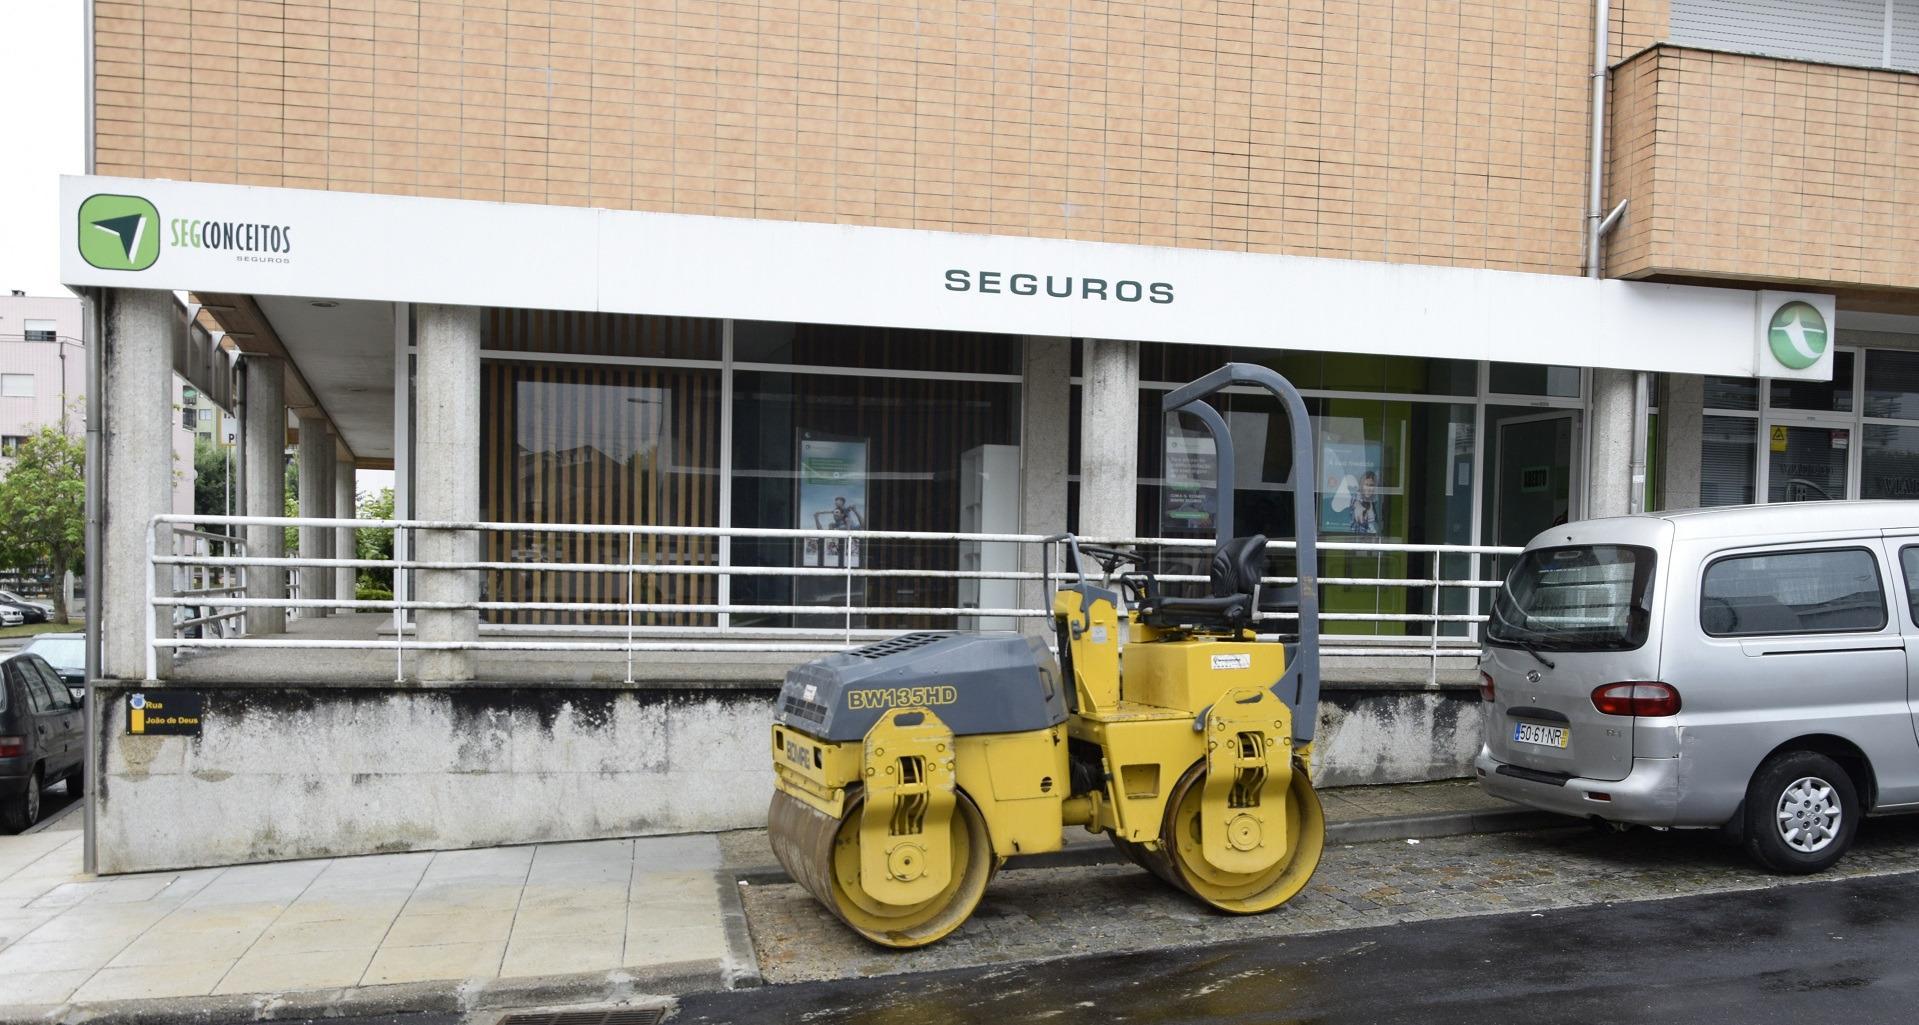 TRANQUILIDADE: Agente Segconceitos - Carlos Filipe Fernandes Vale